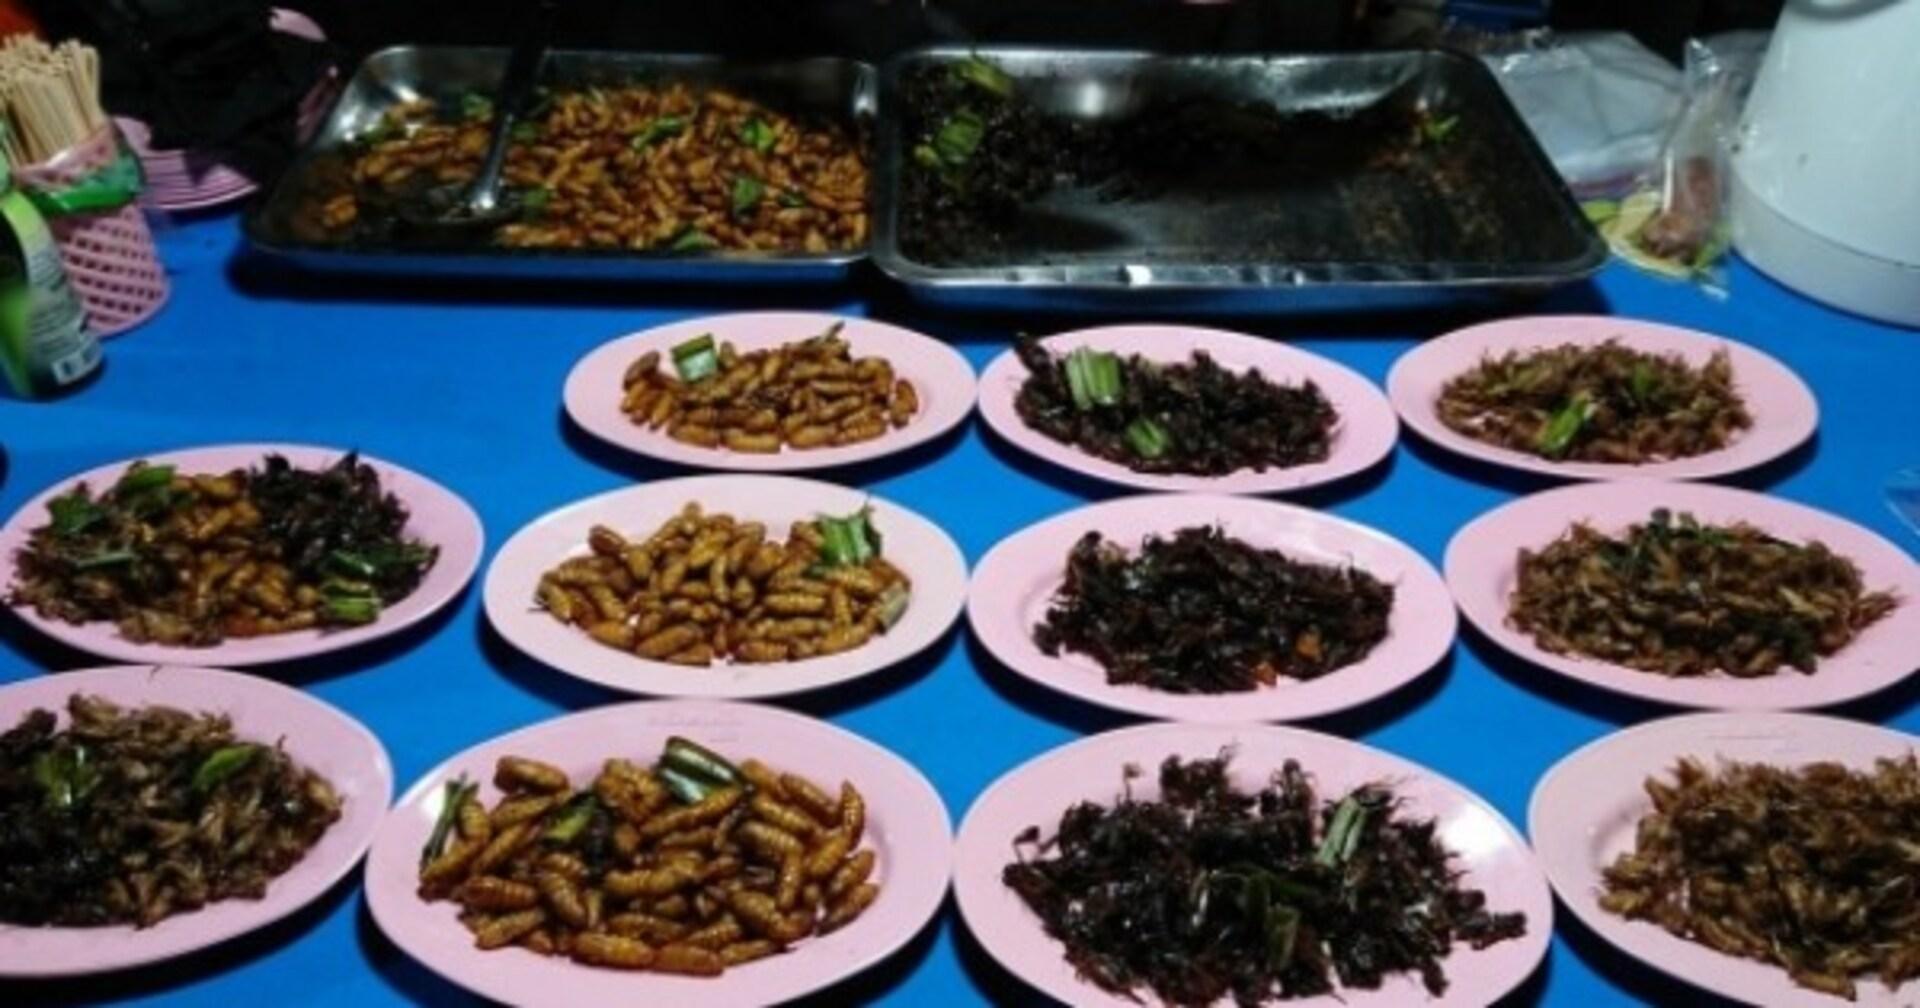 【閲覧注意】本当は美味しい「昆虫食」の世界 まるでマグロのトロやエビフライのようってホント?